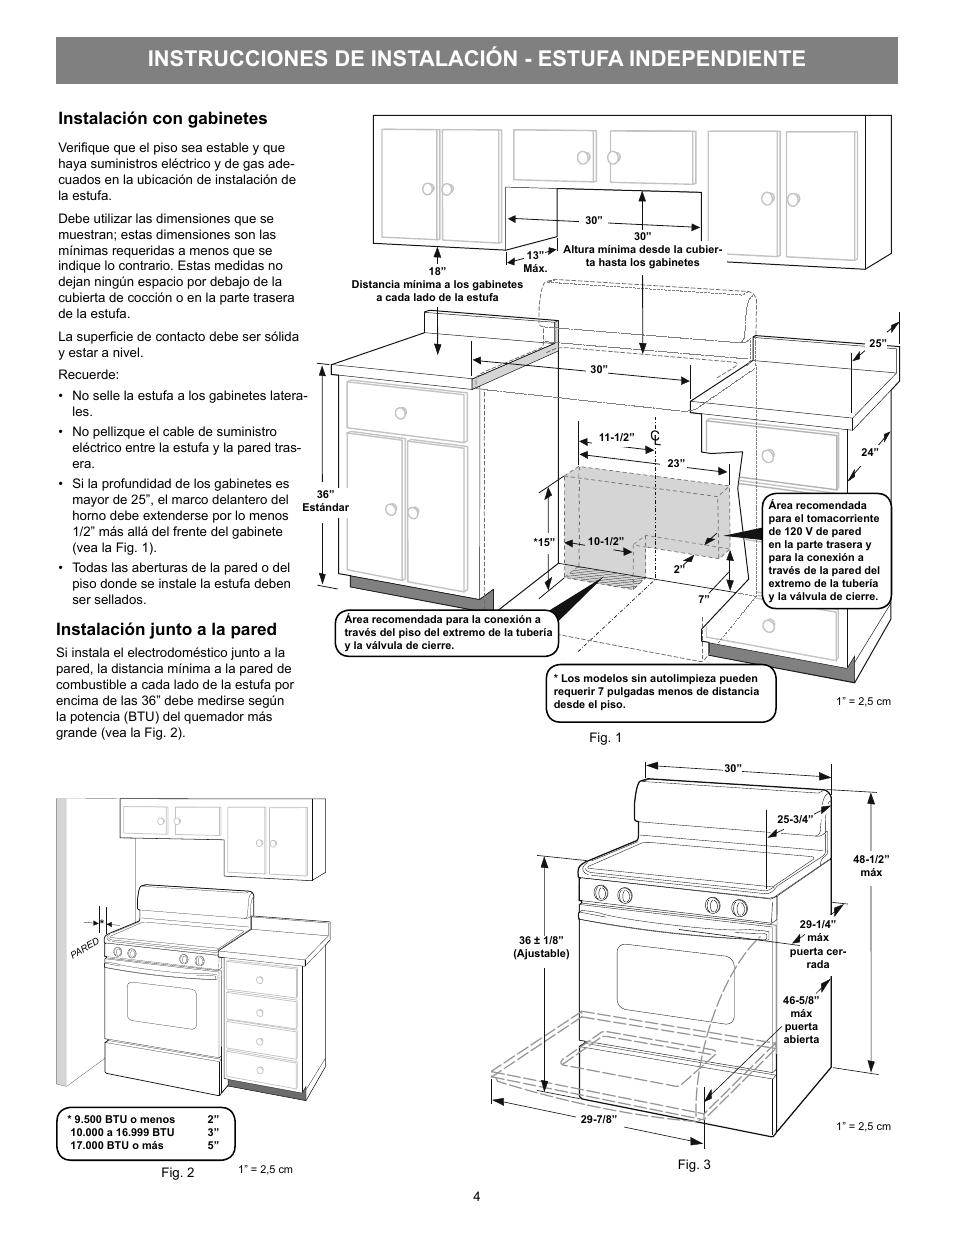 Instalación con gabinetes, Instalación junto a la pared